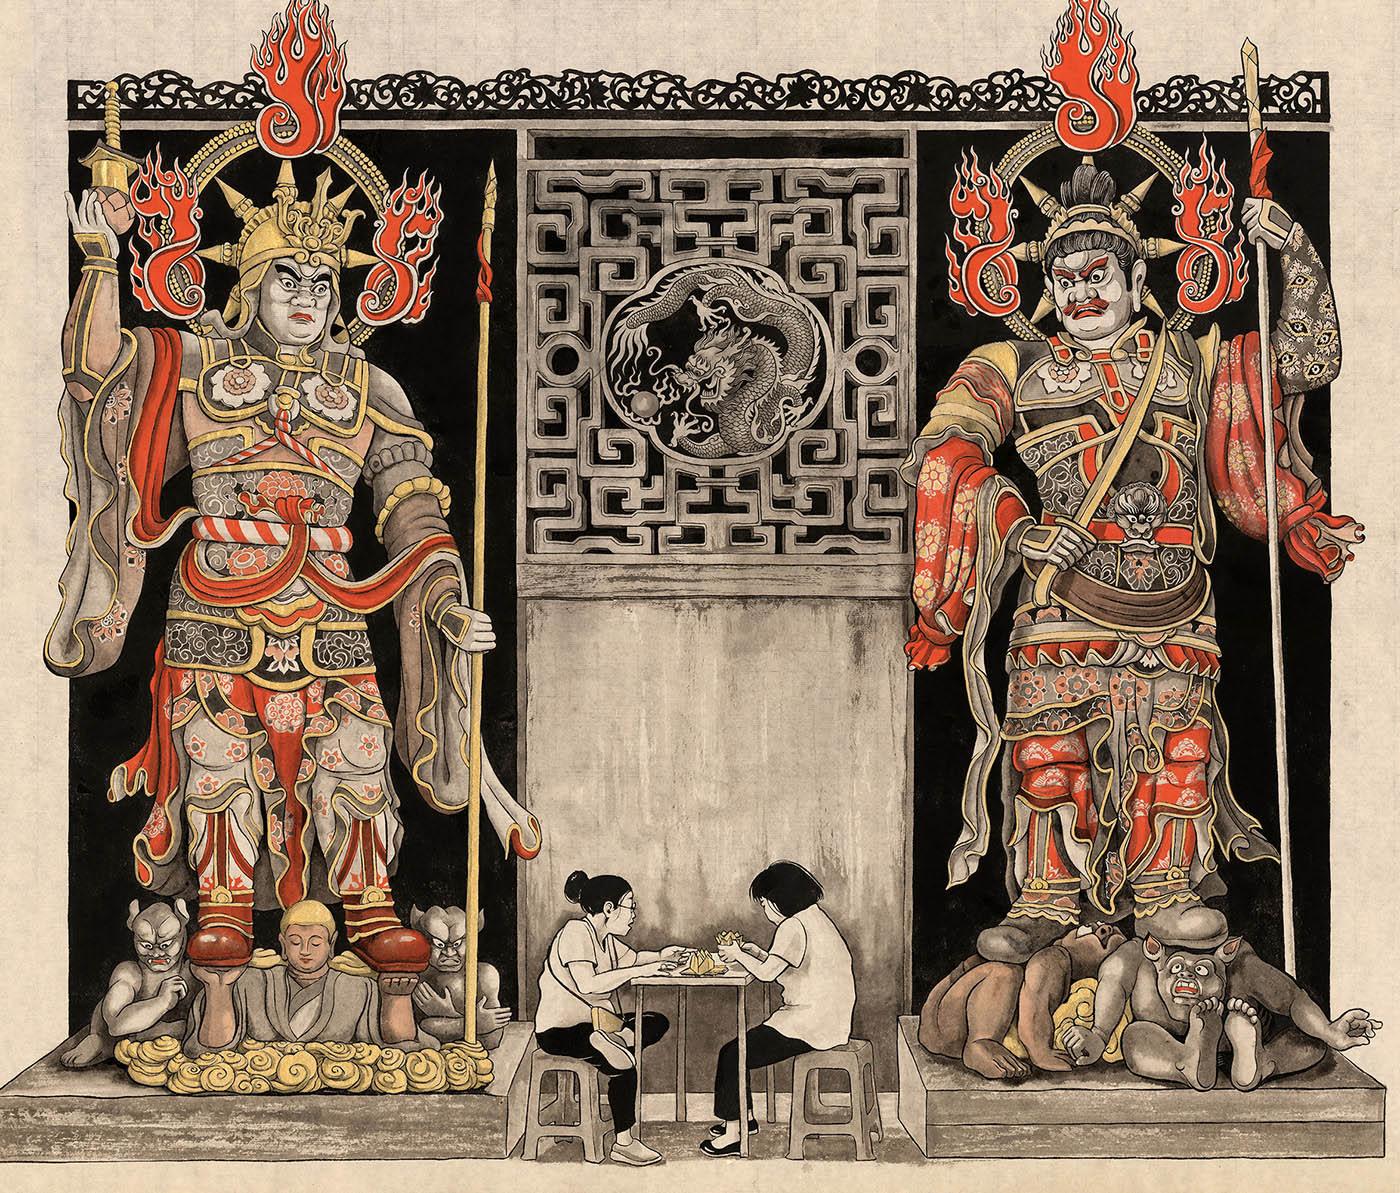 shanghai drawing by sveta dorosheva